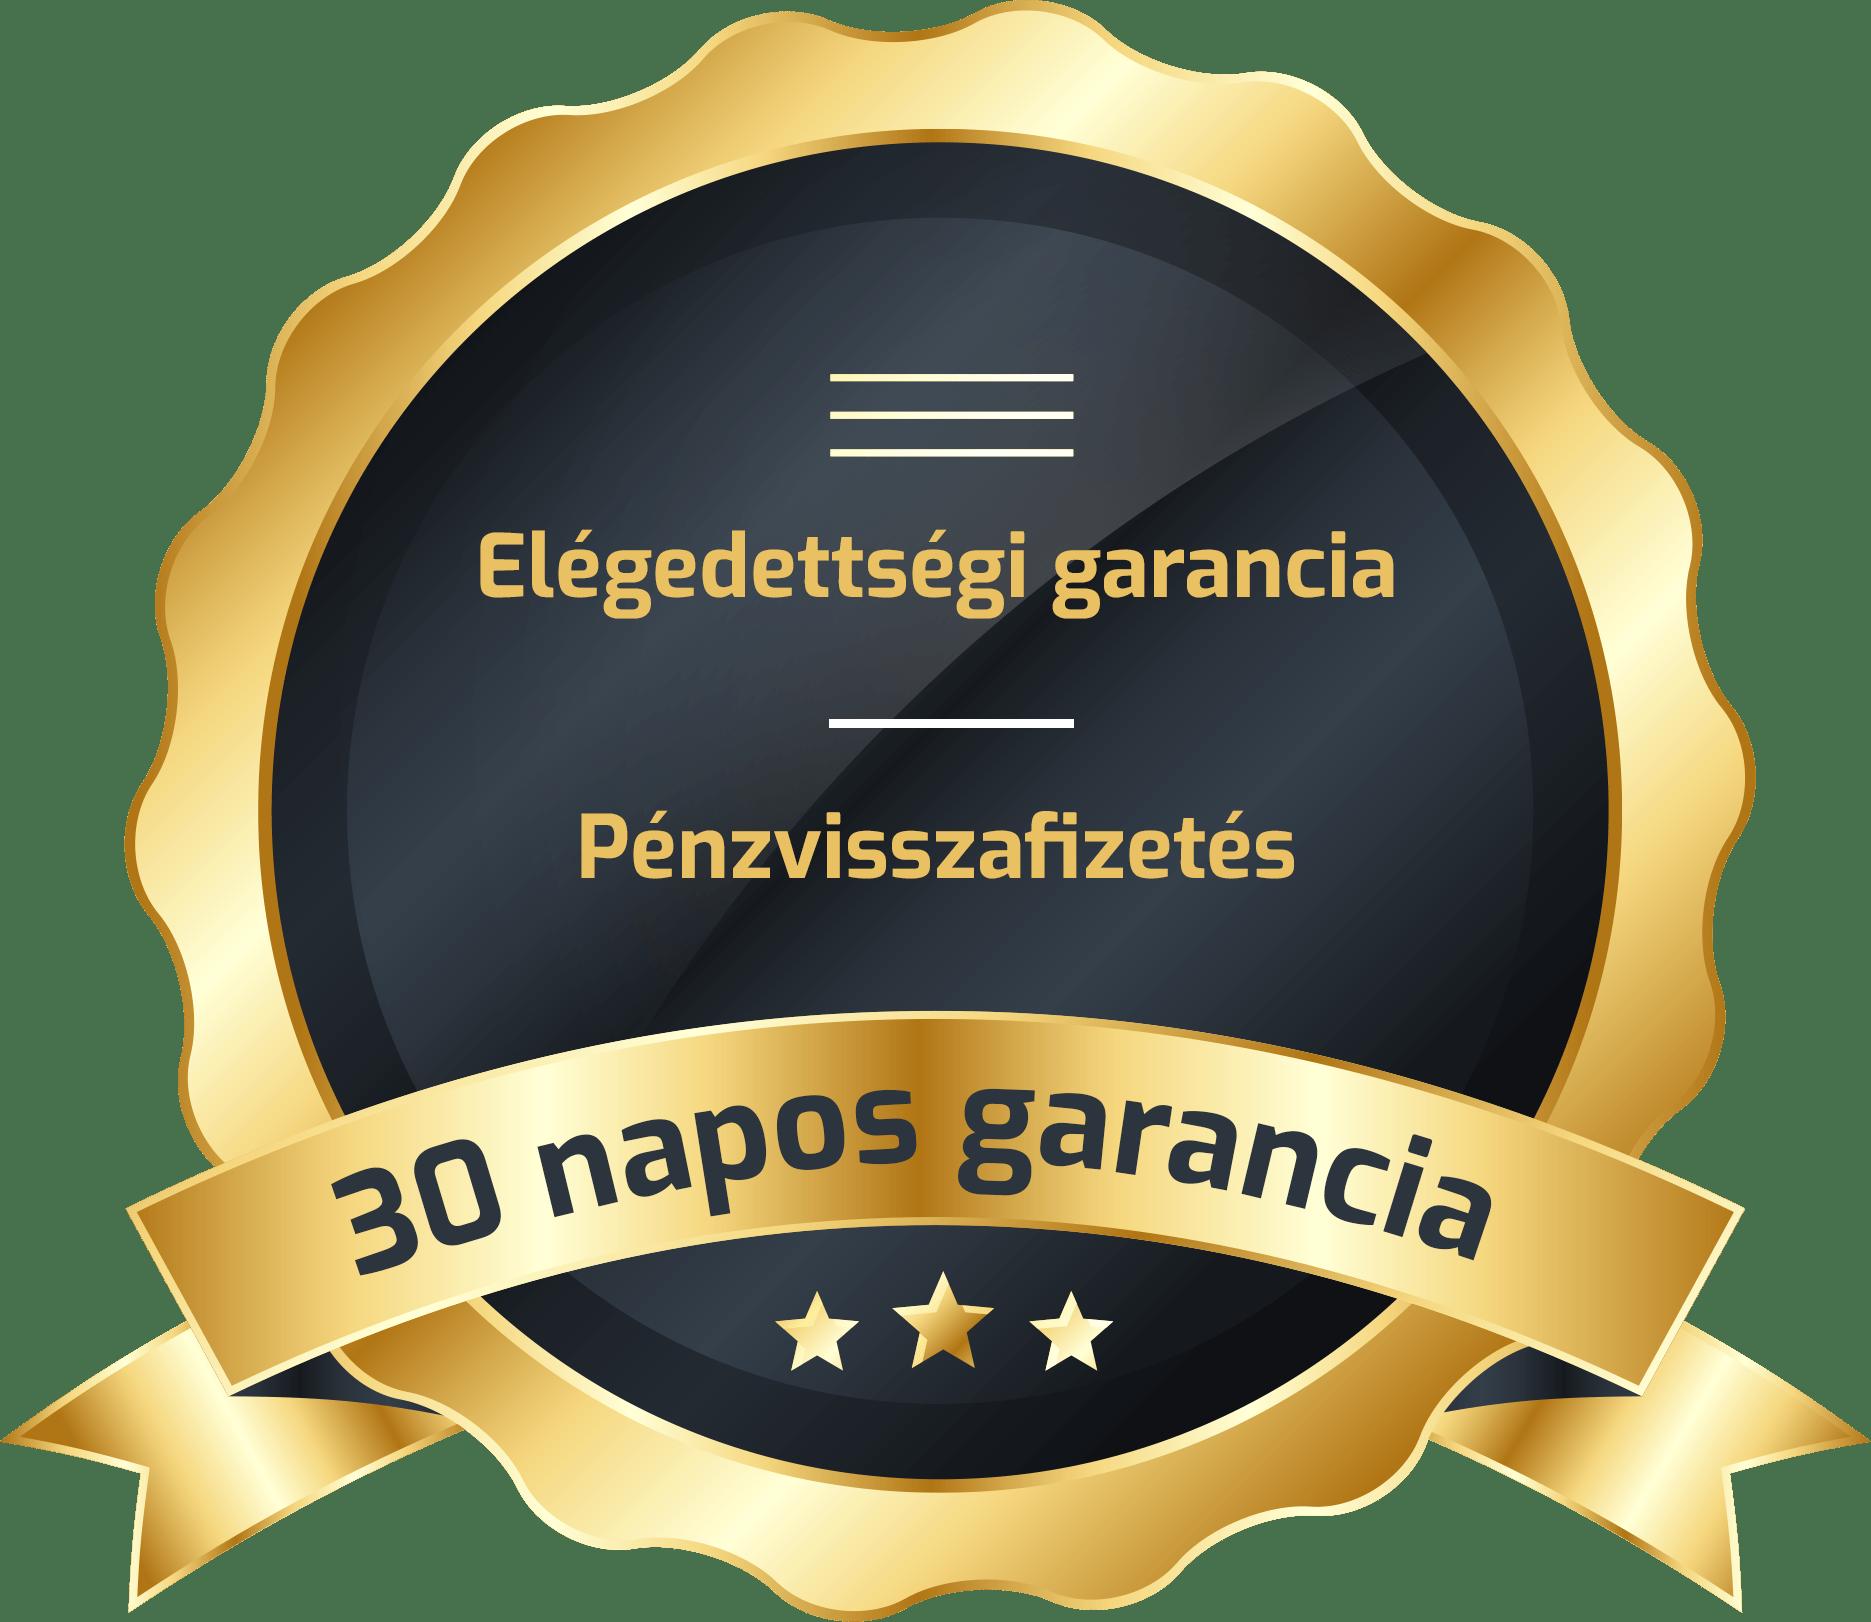 elegeddesegi_garancia